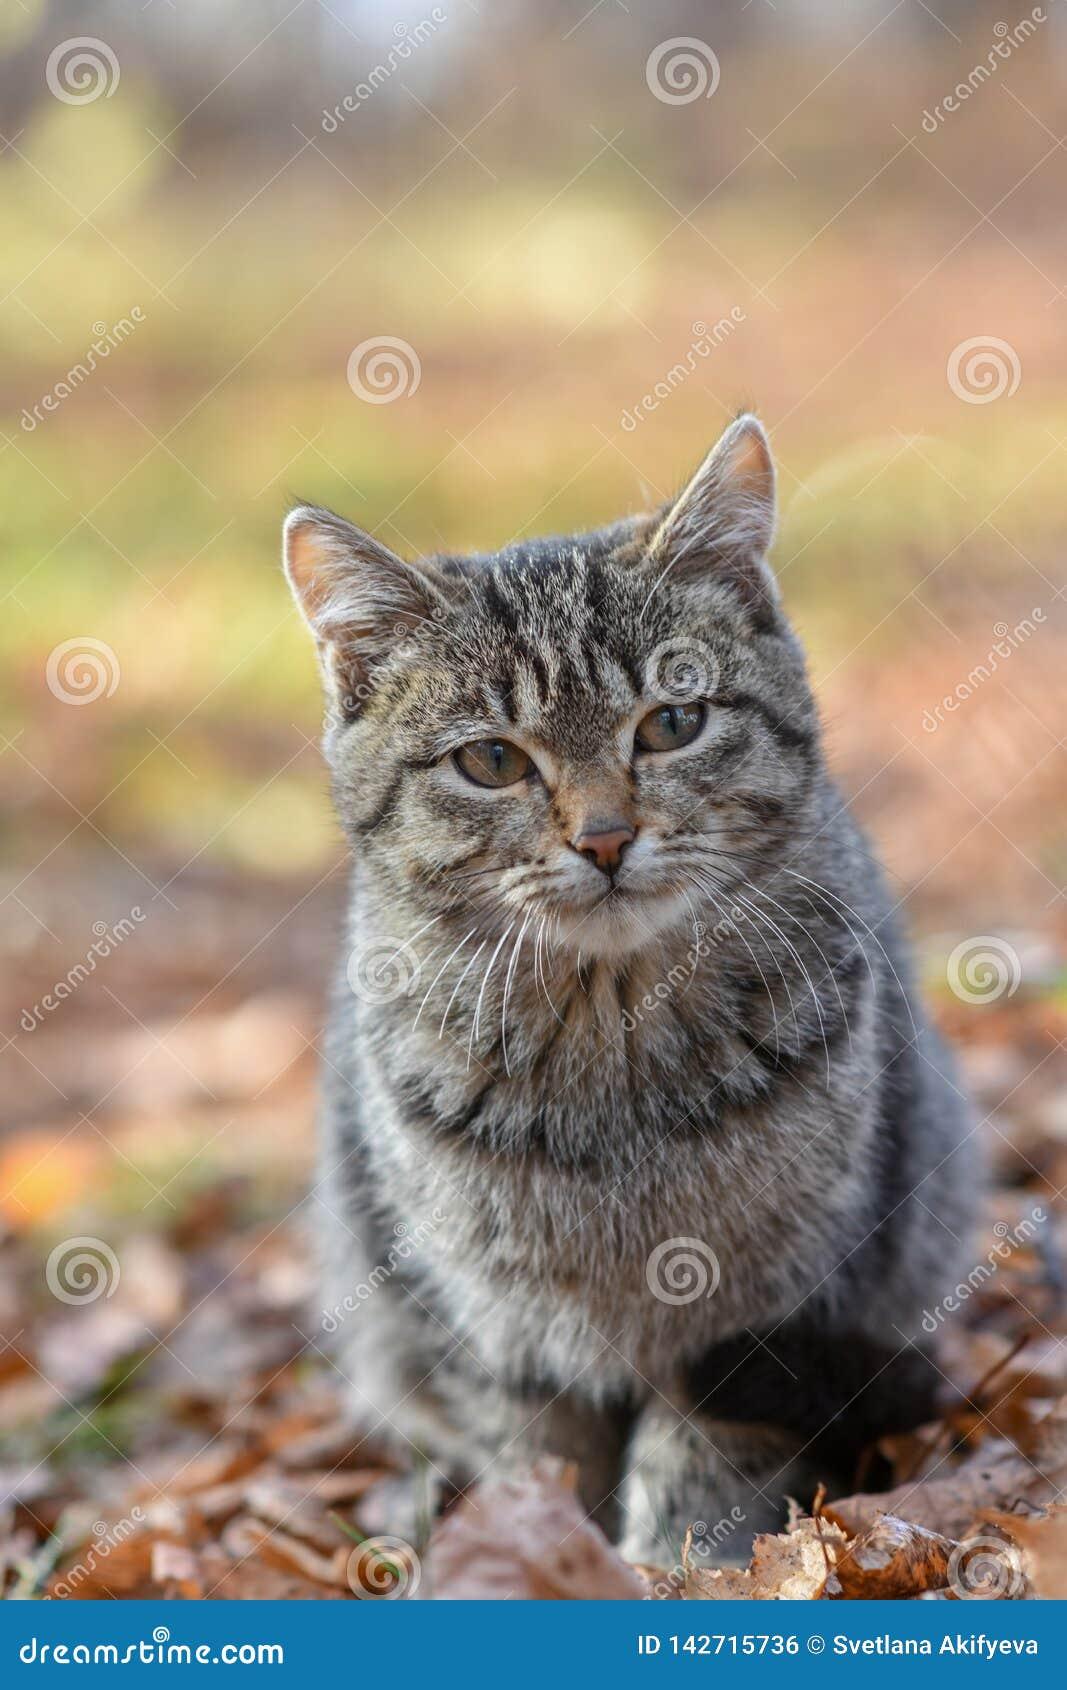 Nieszczęśliwi koty żyją na ulicach, szuka jedzenie